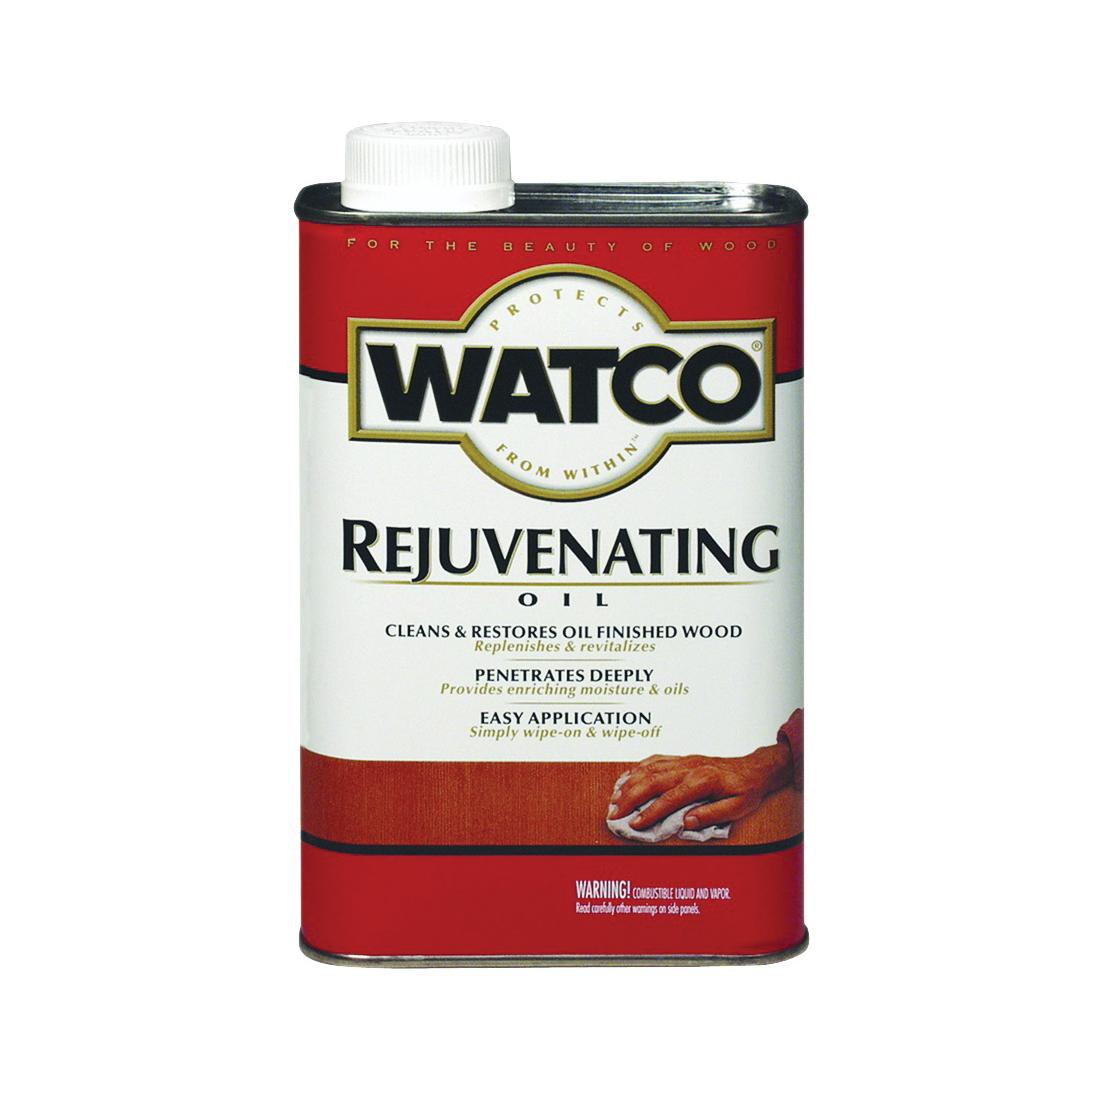 Picture of WATCO 66051H Rejuvenating Oil, Satin, Liquid, 1 pt, Can